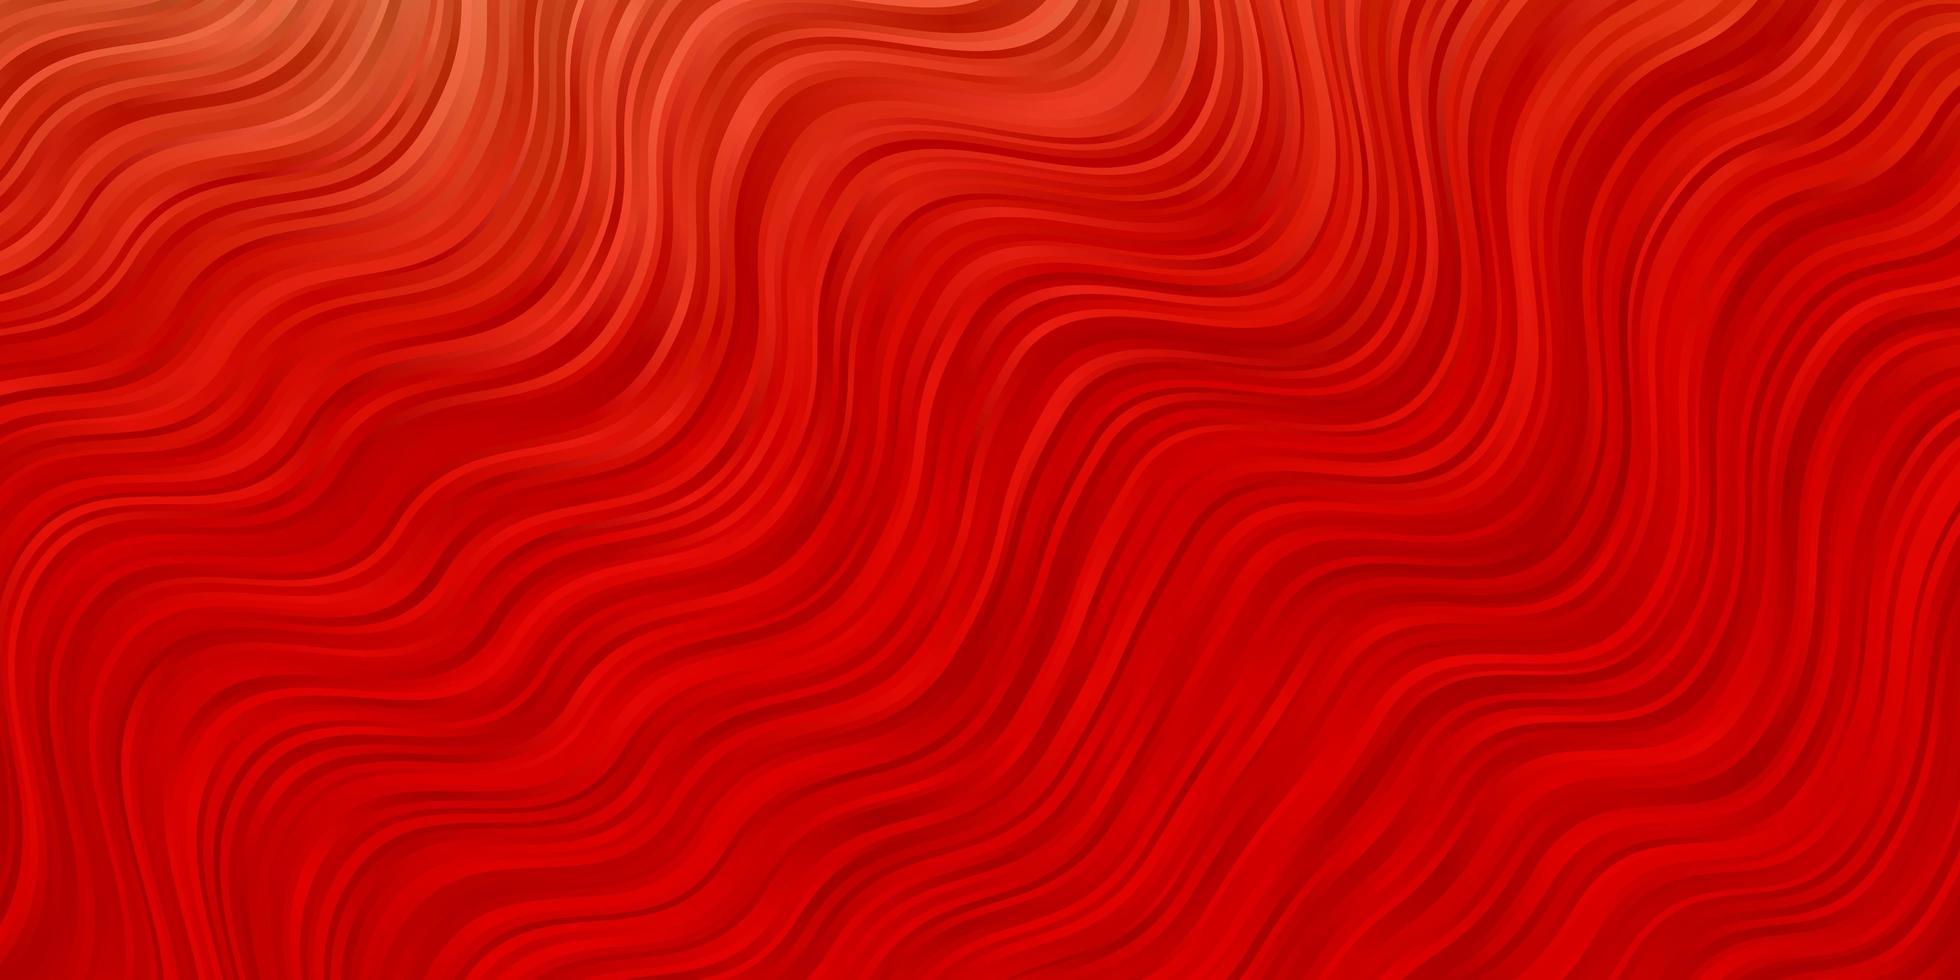 texture de vecteur rouge clair avec des courbes.